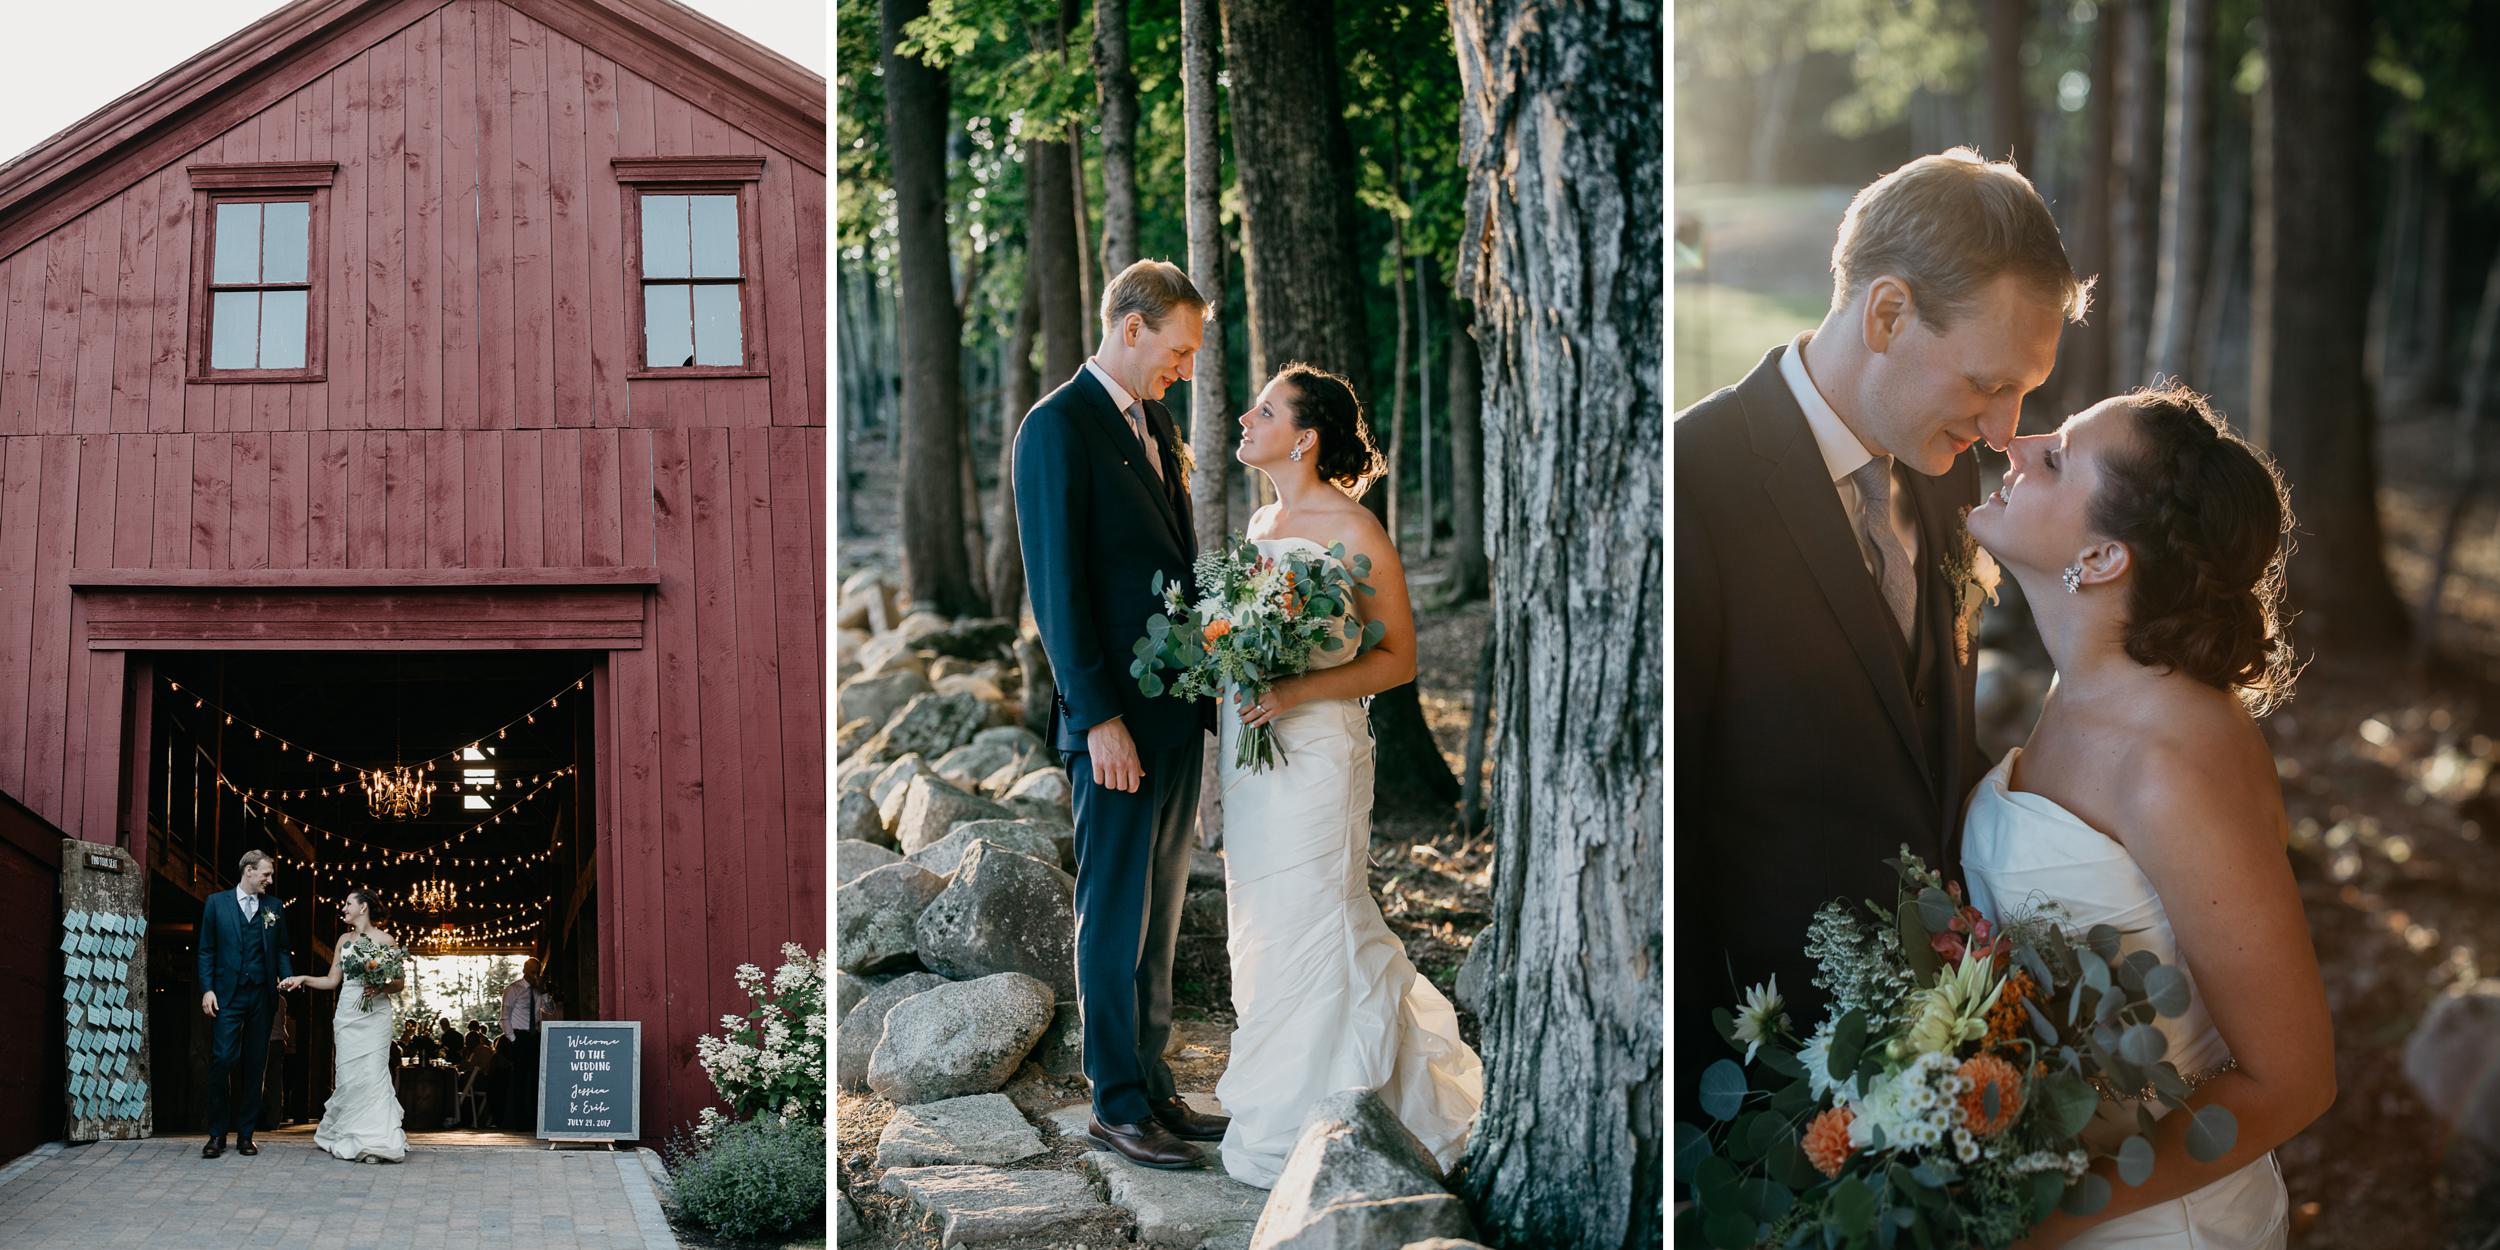 Jessie_Erik_Pownal_Maine_Wedding_William_allen_farm_046.jpg